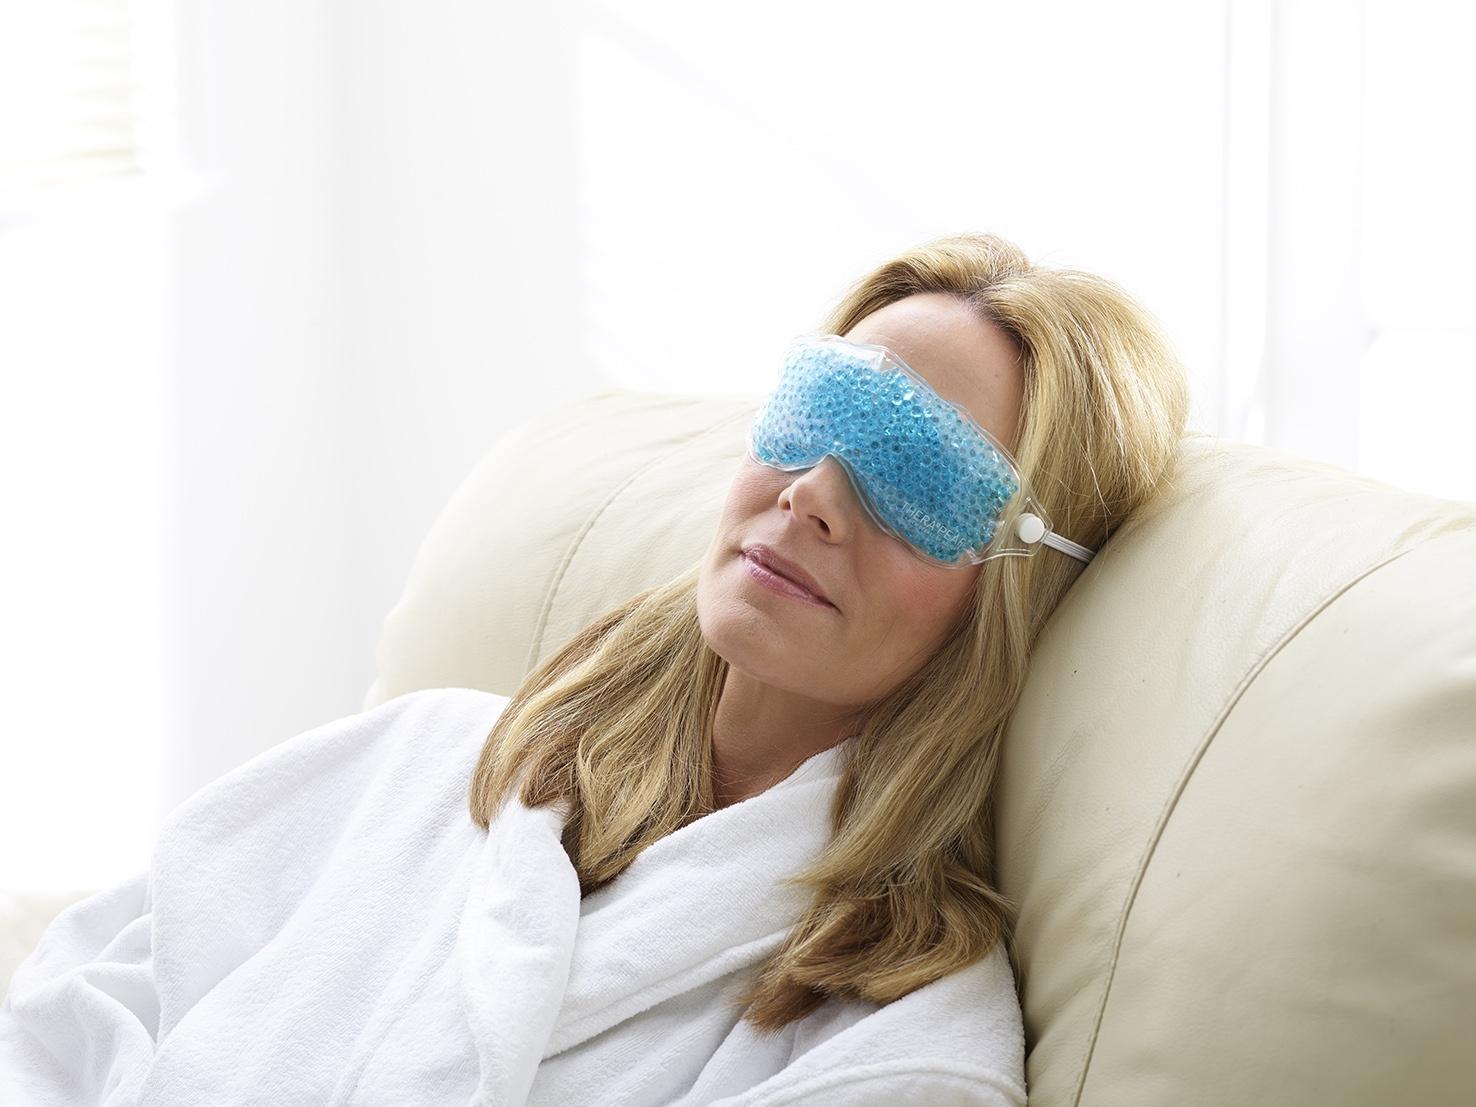 ورم دور چشم چرا رخ میدهد و بهترین راه کارهای درمانی چیست؟